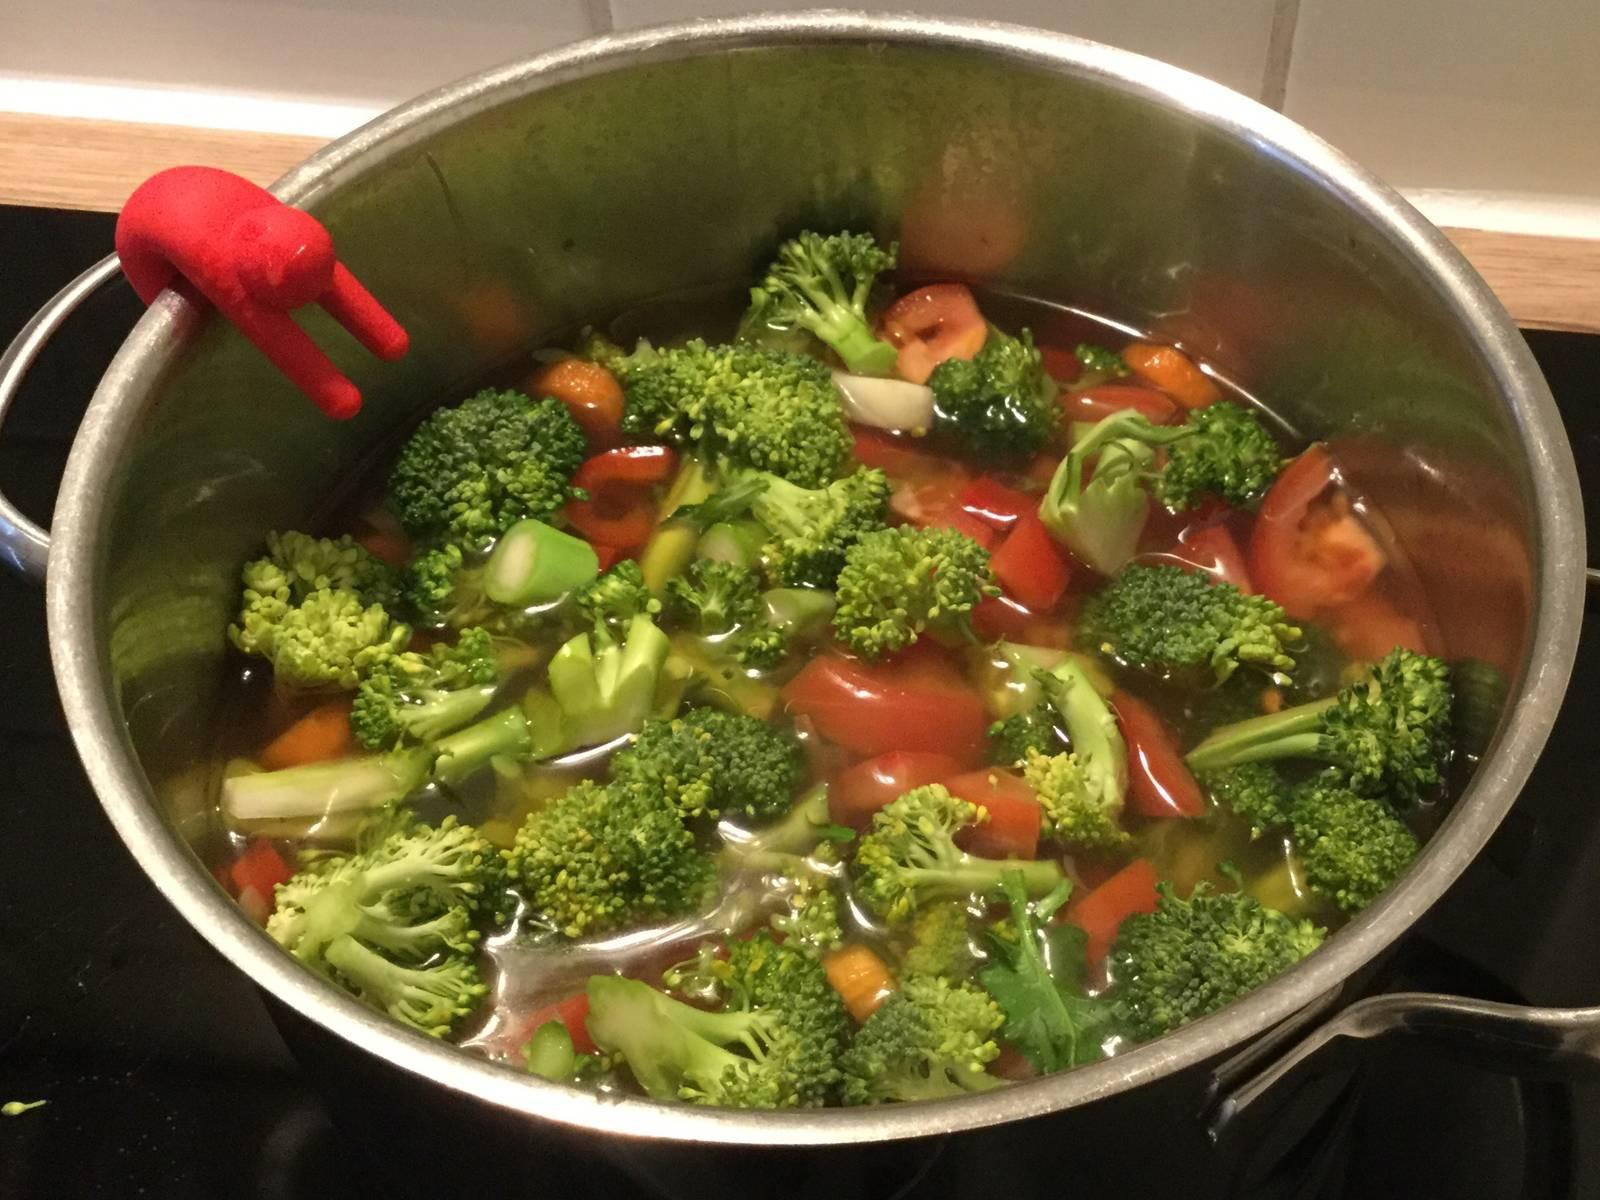 倒入西兰花与番茄,再煮5分钟。